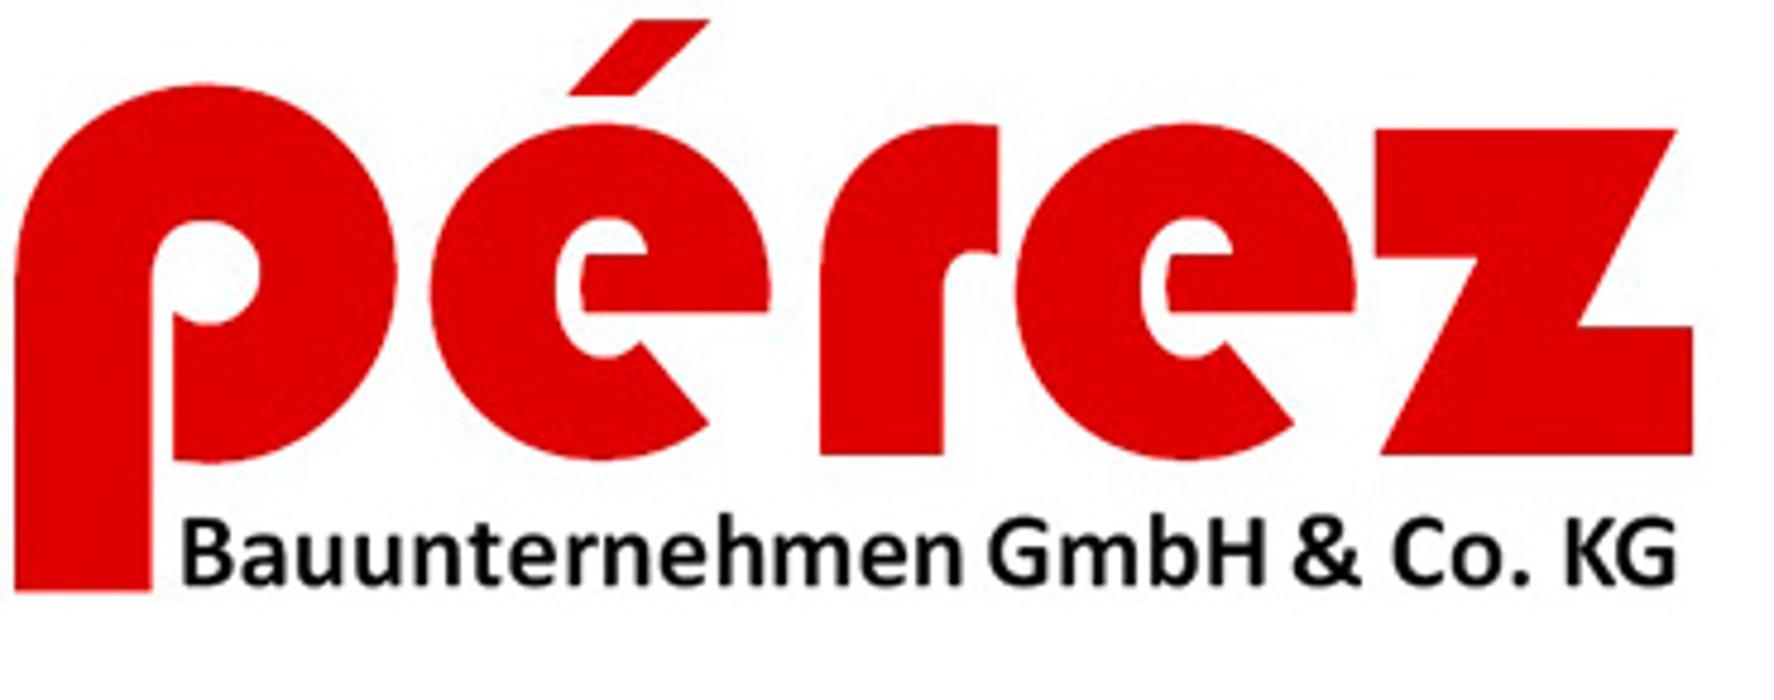 pérez Bauunternehmen GmbH & Co. KG